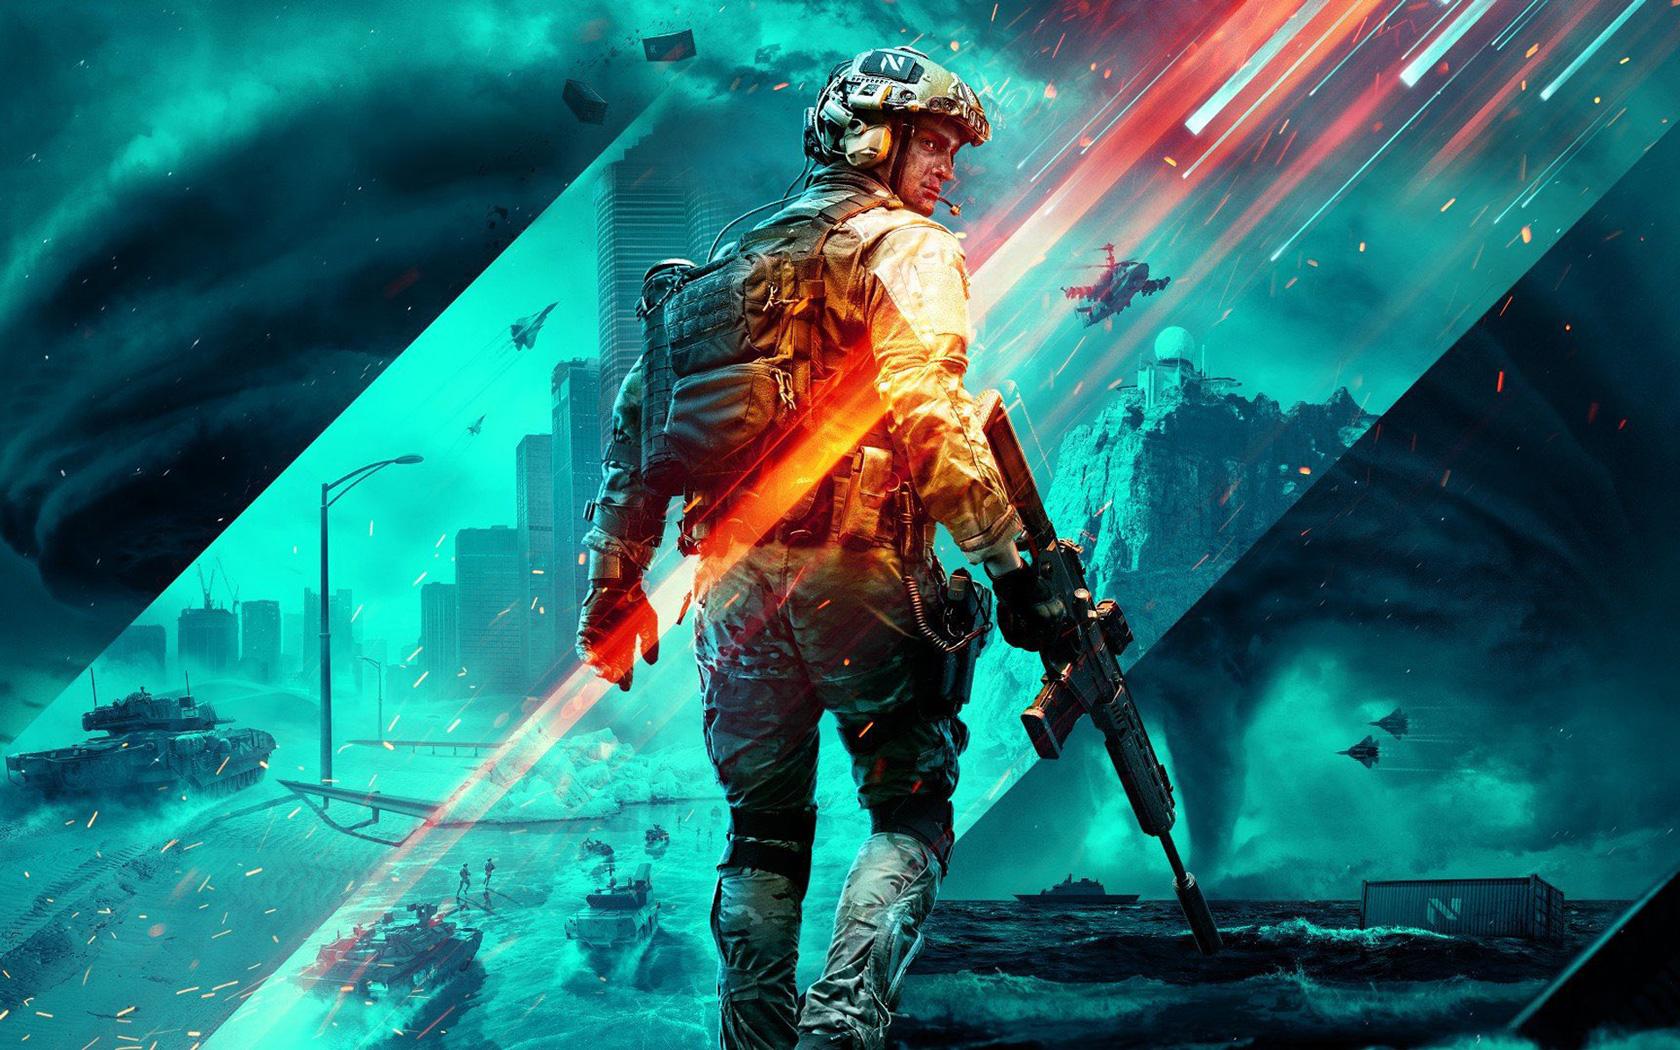 Free Battlefield 2042 Wallpaper in 1680x1050